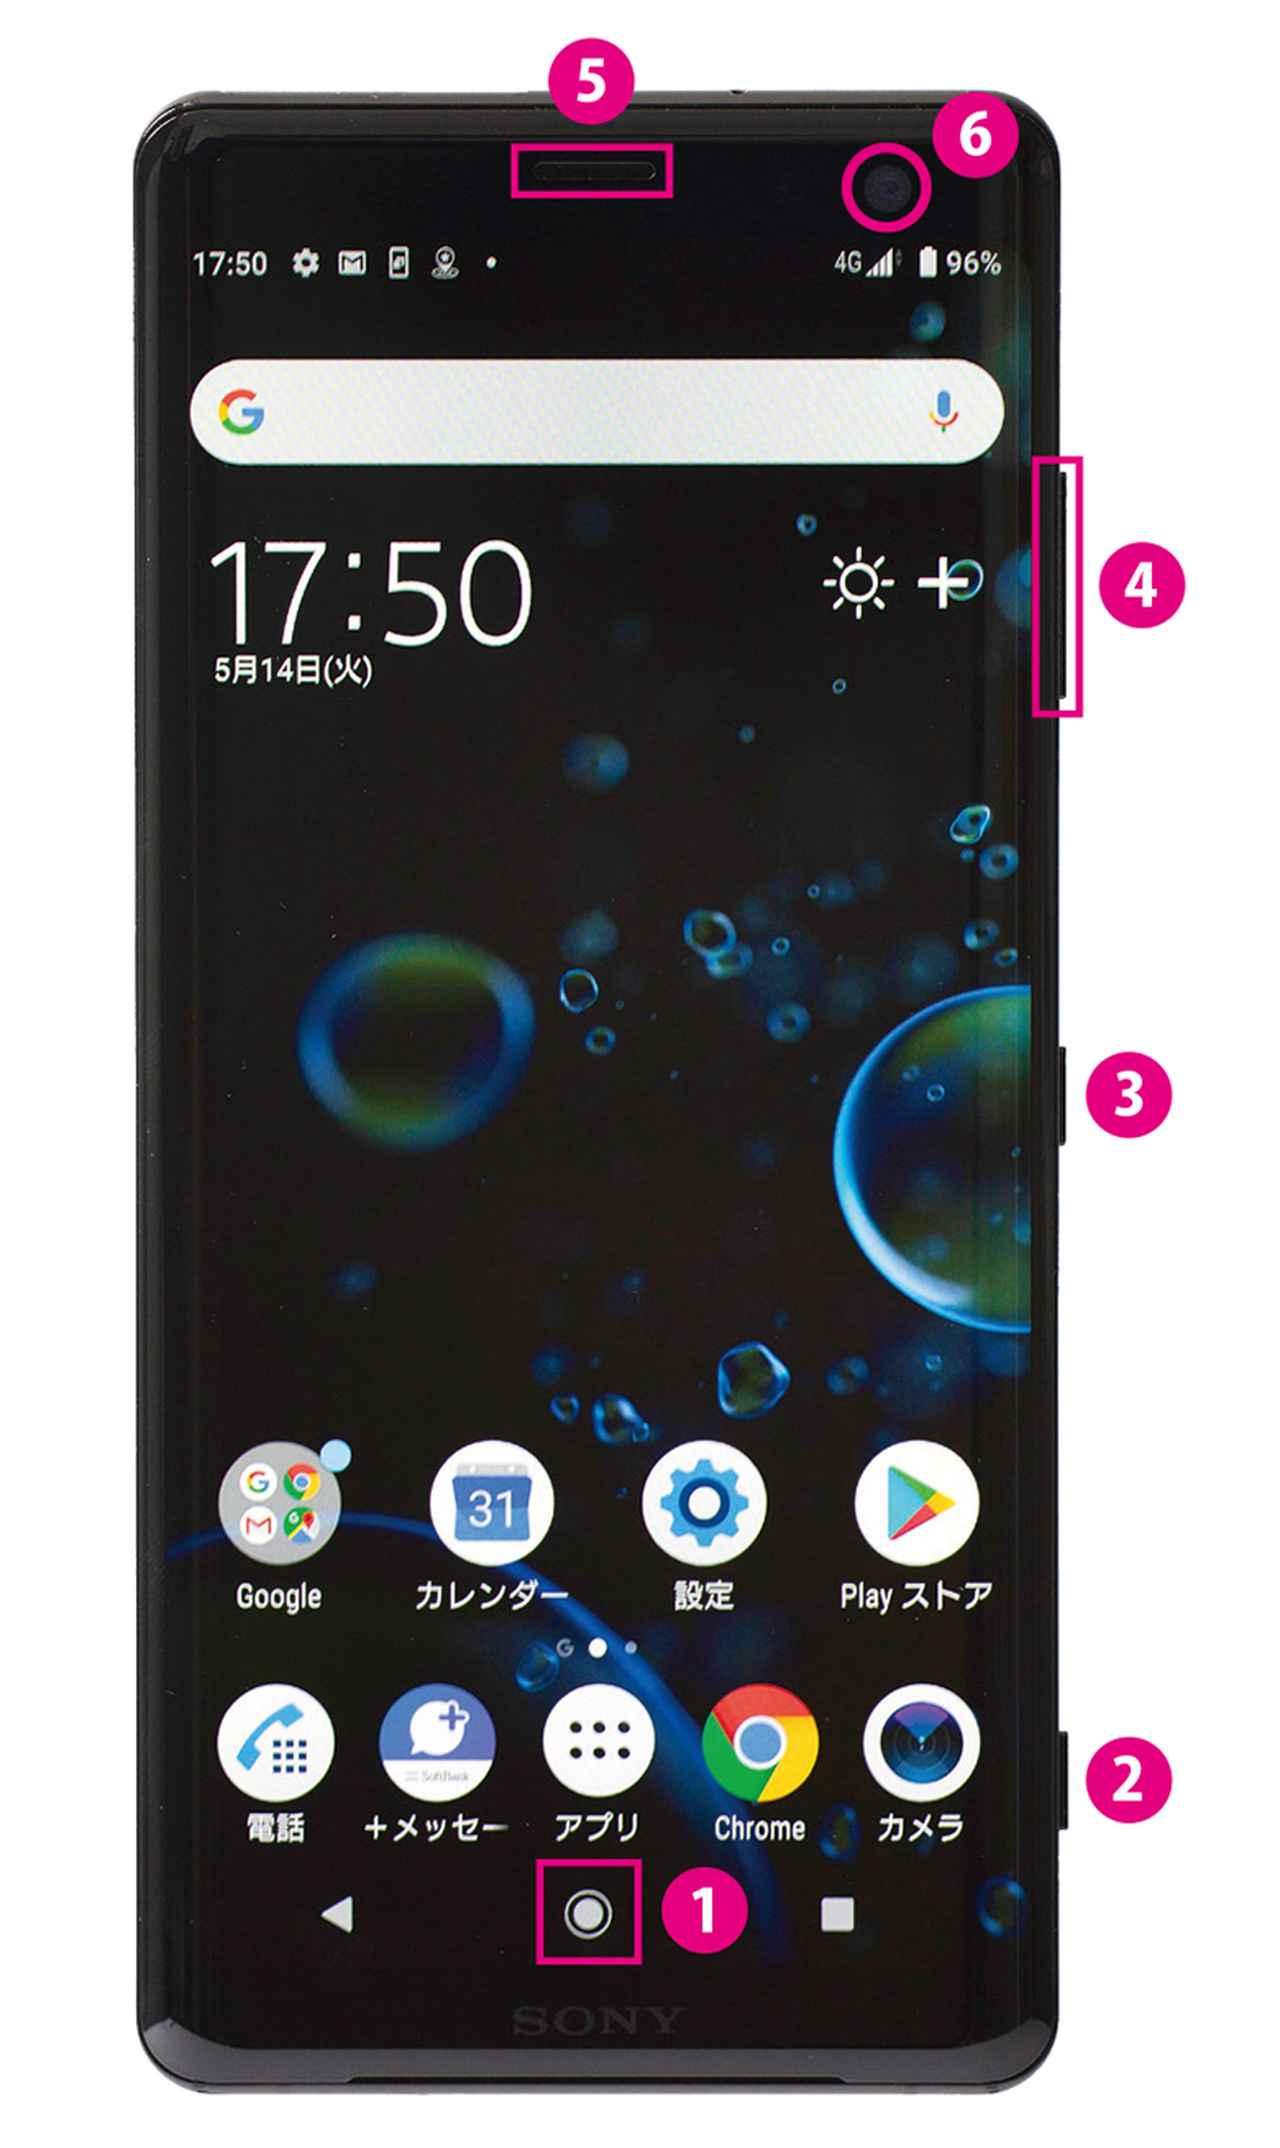 画像4: 【iPhone&Android比較】各部の名称は?スマホの外観をチェックしよう